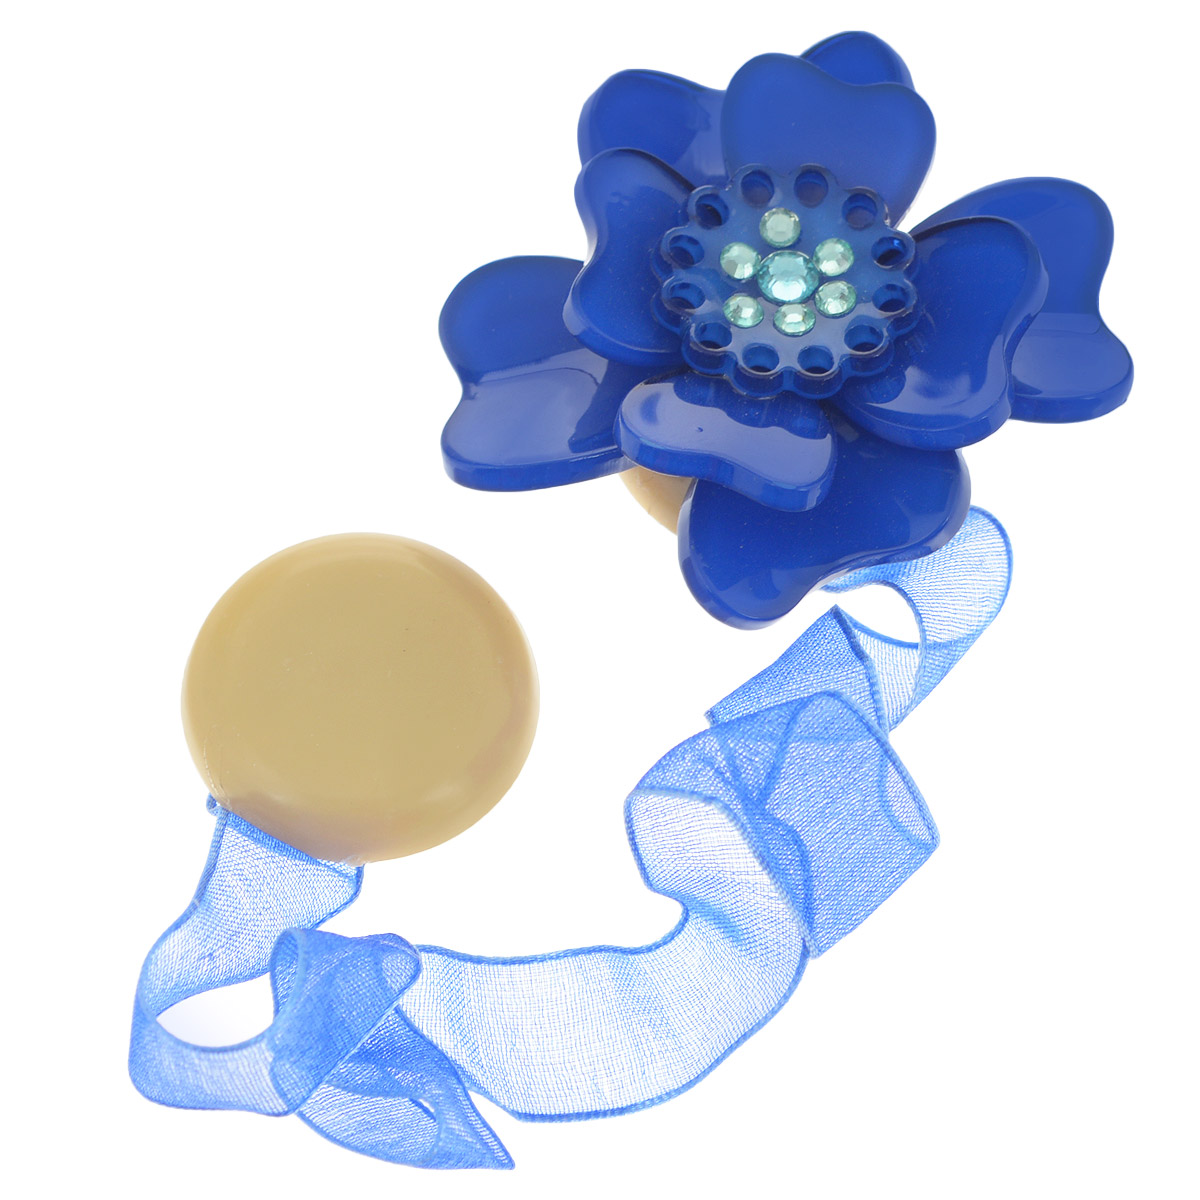 Клипса-магнит для штор Calamita Fiore, цвет: синий. 7704008_7921004900000360Клипса-магнит Calamita Fiore, изготовленная из пластика и текстиля, предназначена для придания формы шторам. Изделие представляет собой два магнита, расположенные на разных концах текстильной ленты. Один из магнитов оформлен декоративным цветком и украшен стразами. С помощью такой магнитной клипсы можно зафиксировать портьеры, придать им требуемое положение, сделать складки симметричными или приблизить портьеры, скрепить их. Клипсы для штор являются универсальным изделием, которое превосходно подойдет как для штор в детской комнате, так и для штор в гостиной. Следует отметить, что клипсы для штор выполняют не только практическую функцию, но также являются одной из основных деталей декора этого изделия, которая придает шторам восхитительный, стильный внешний вид. Материал: пластик, полиэстер, магнит.Диаметр декоративного цветка: 5 см.Диаметр магнита: 2,5 см.Длина ленты: 28 см.